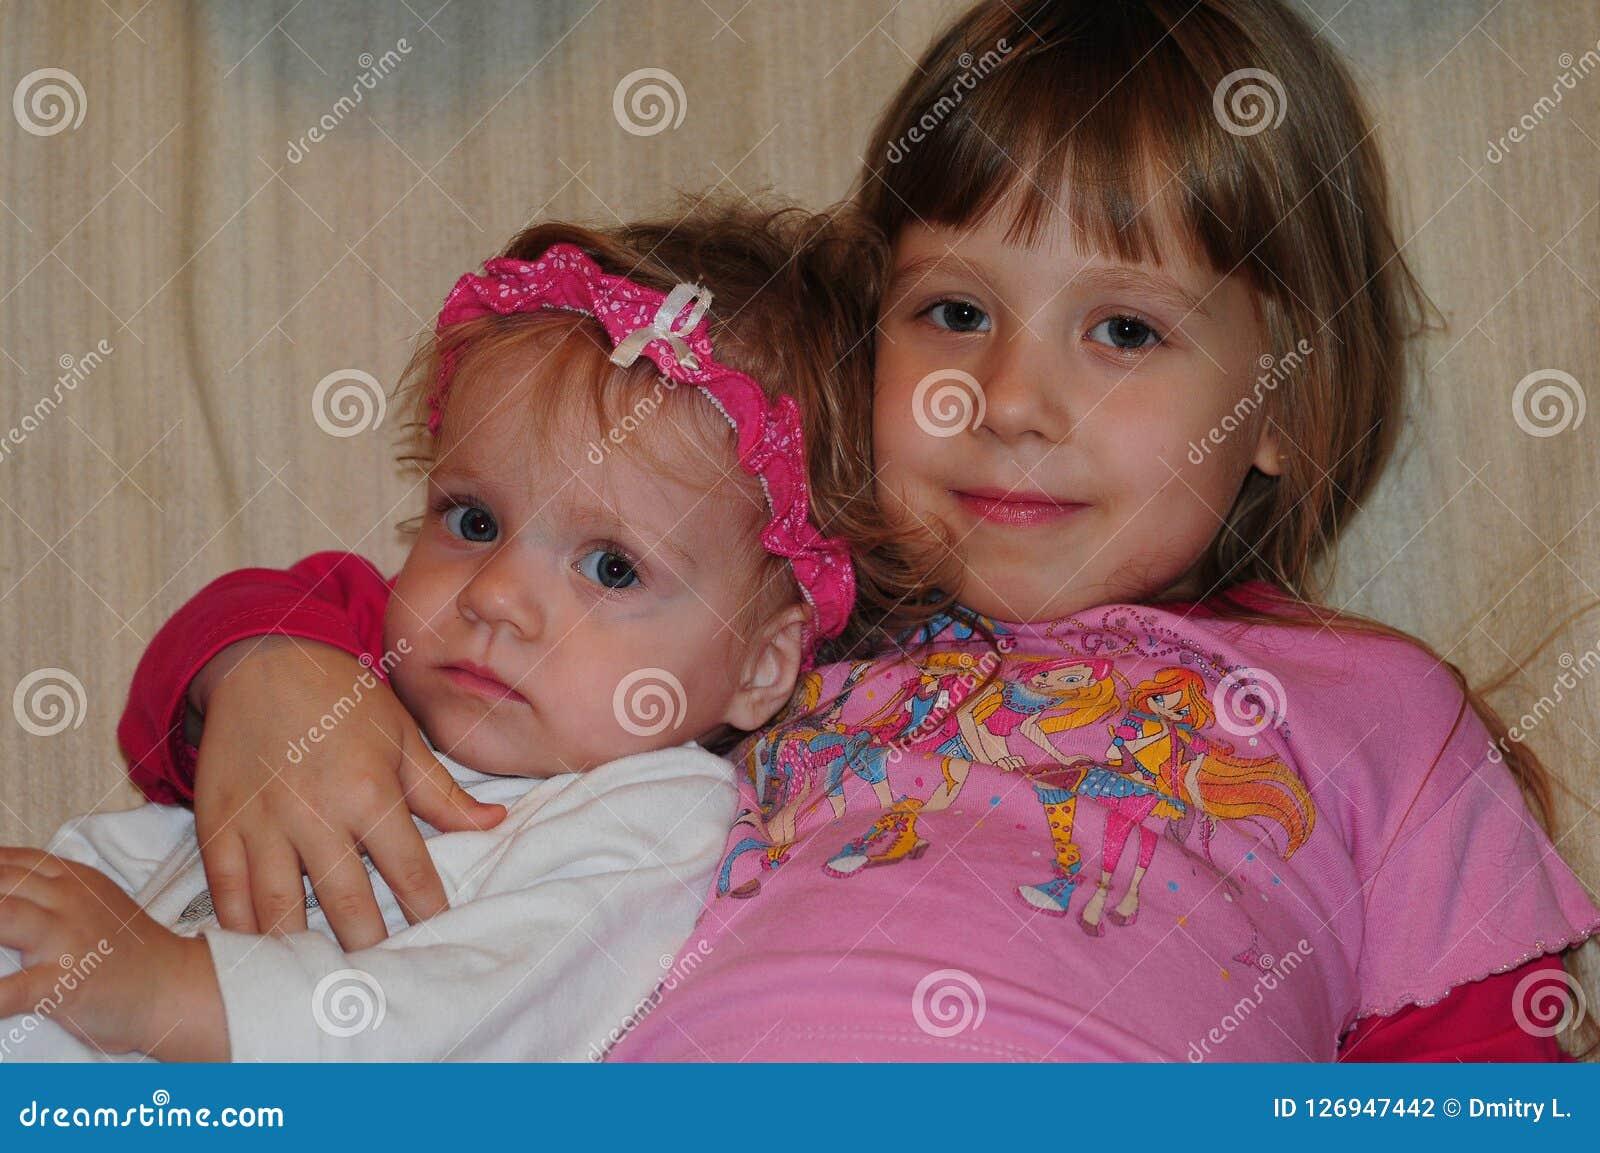 Little girls posing for photographer